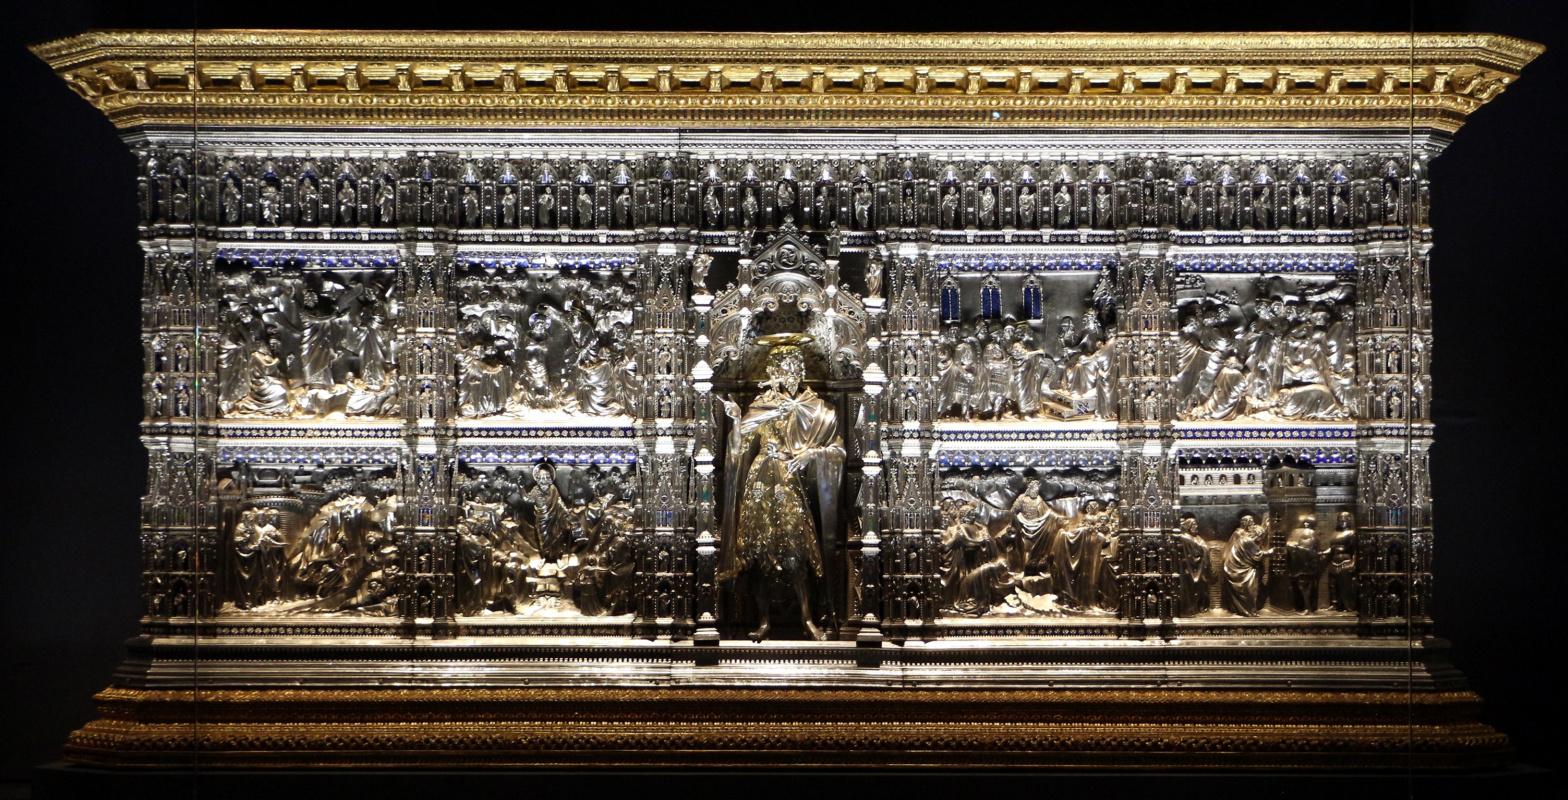 Altar of St. John the Baptist. The Beheading of John the Baptist